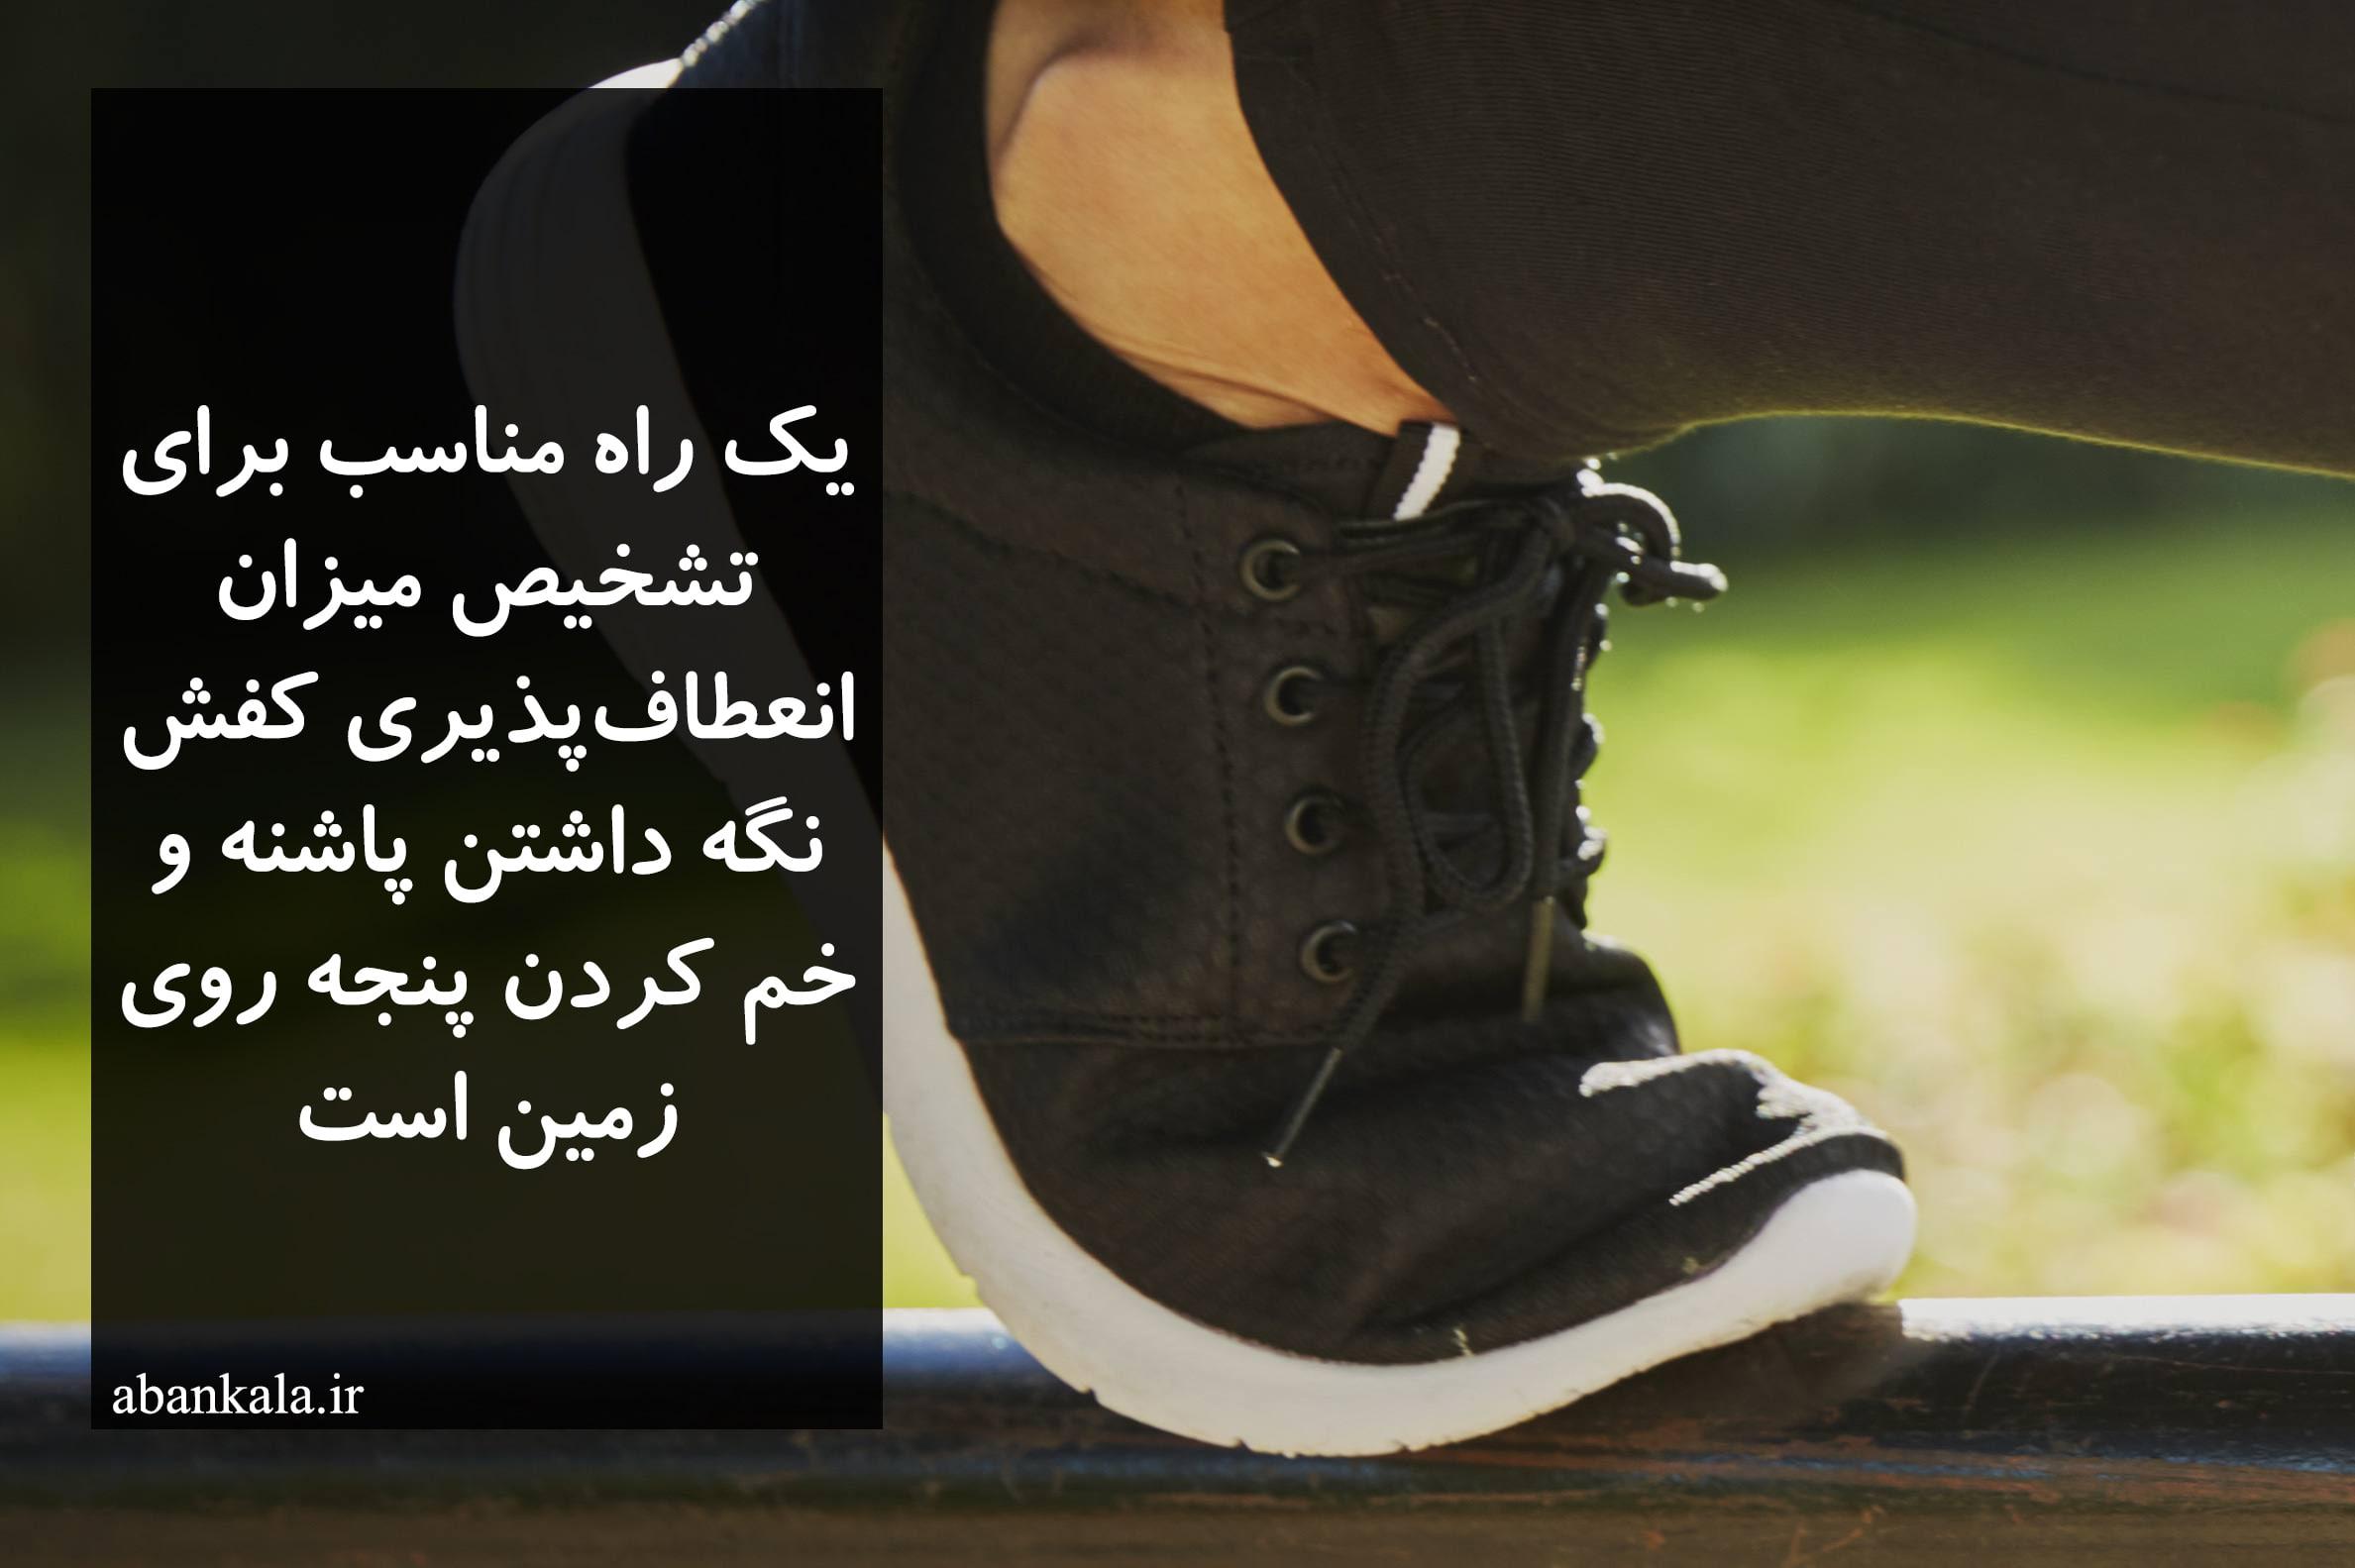 کفش انعطاف پذیر برای دویدن